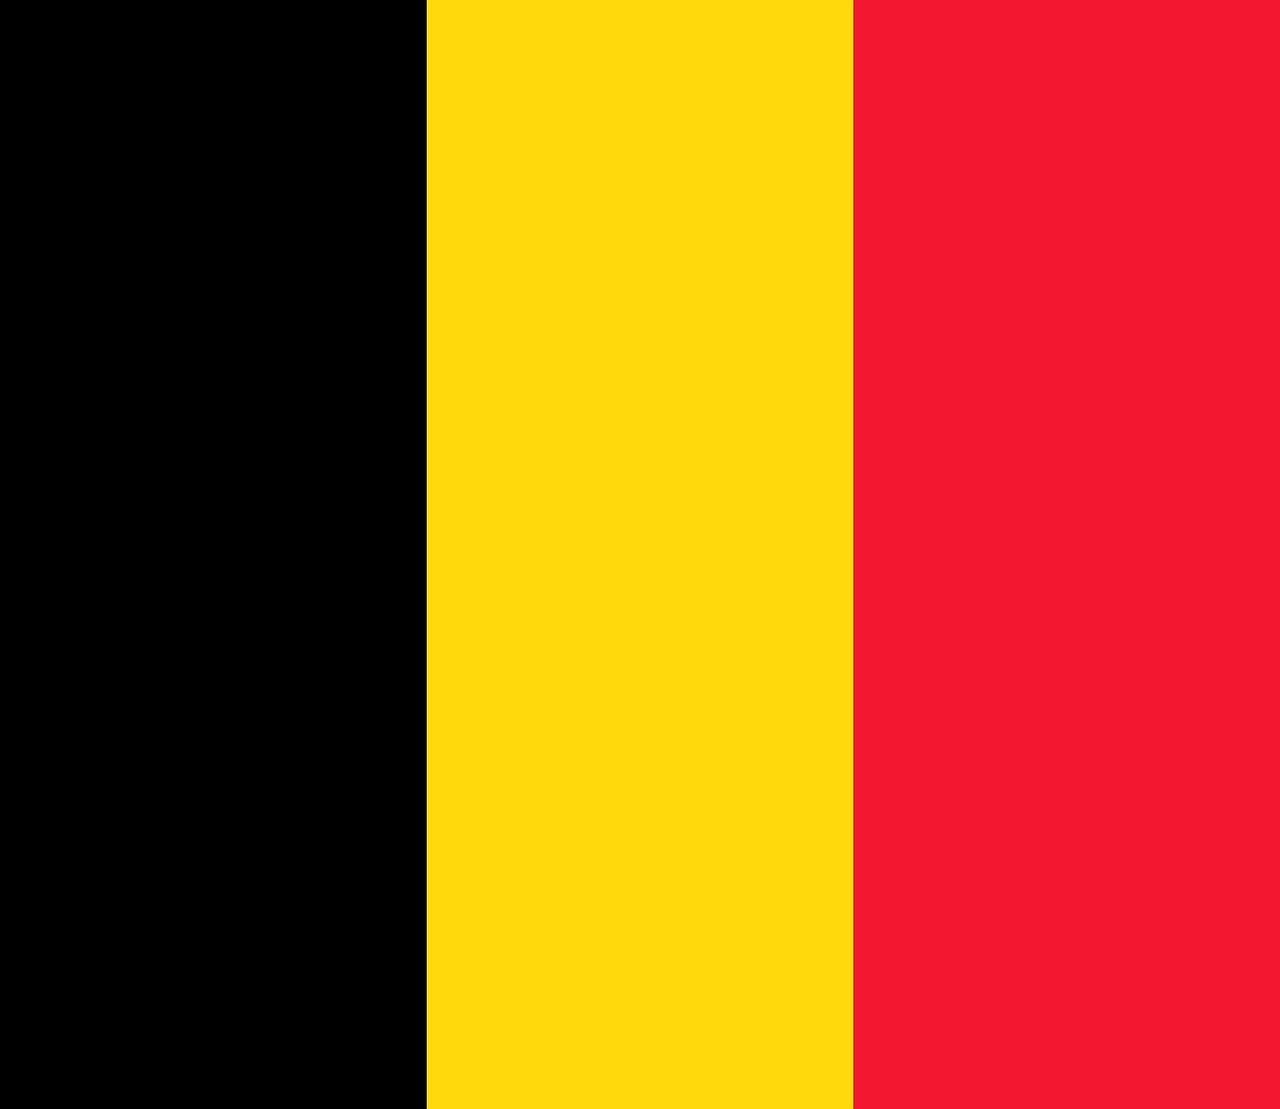 Rozliczenie podatkowe z Belgią. Jak na nim zarobić?